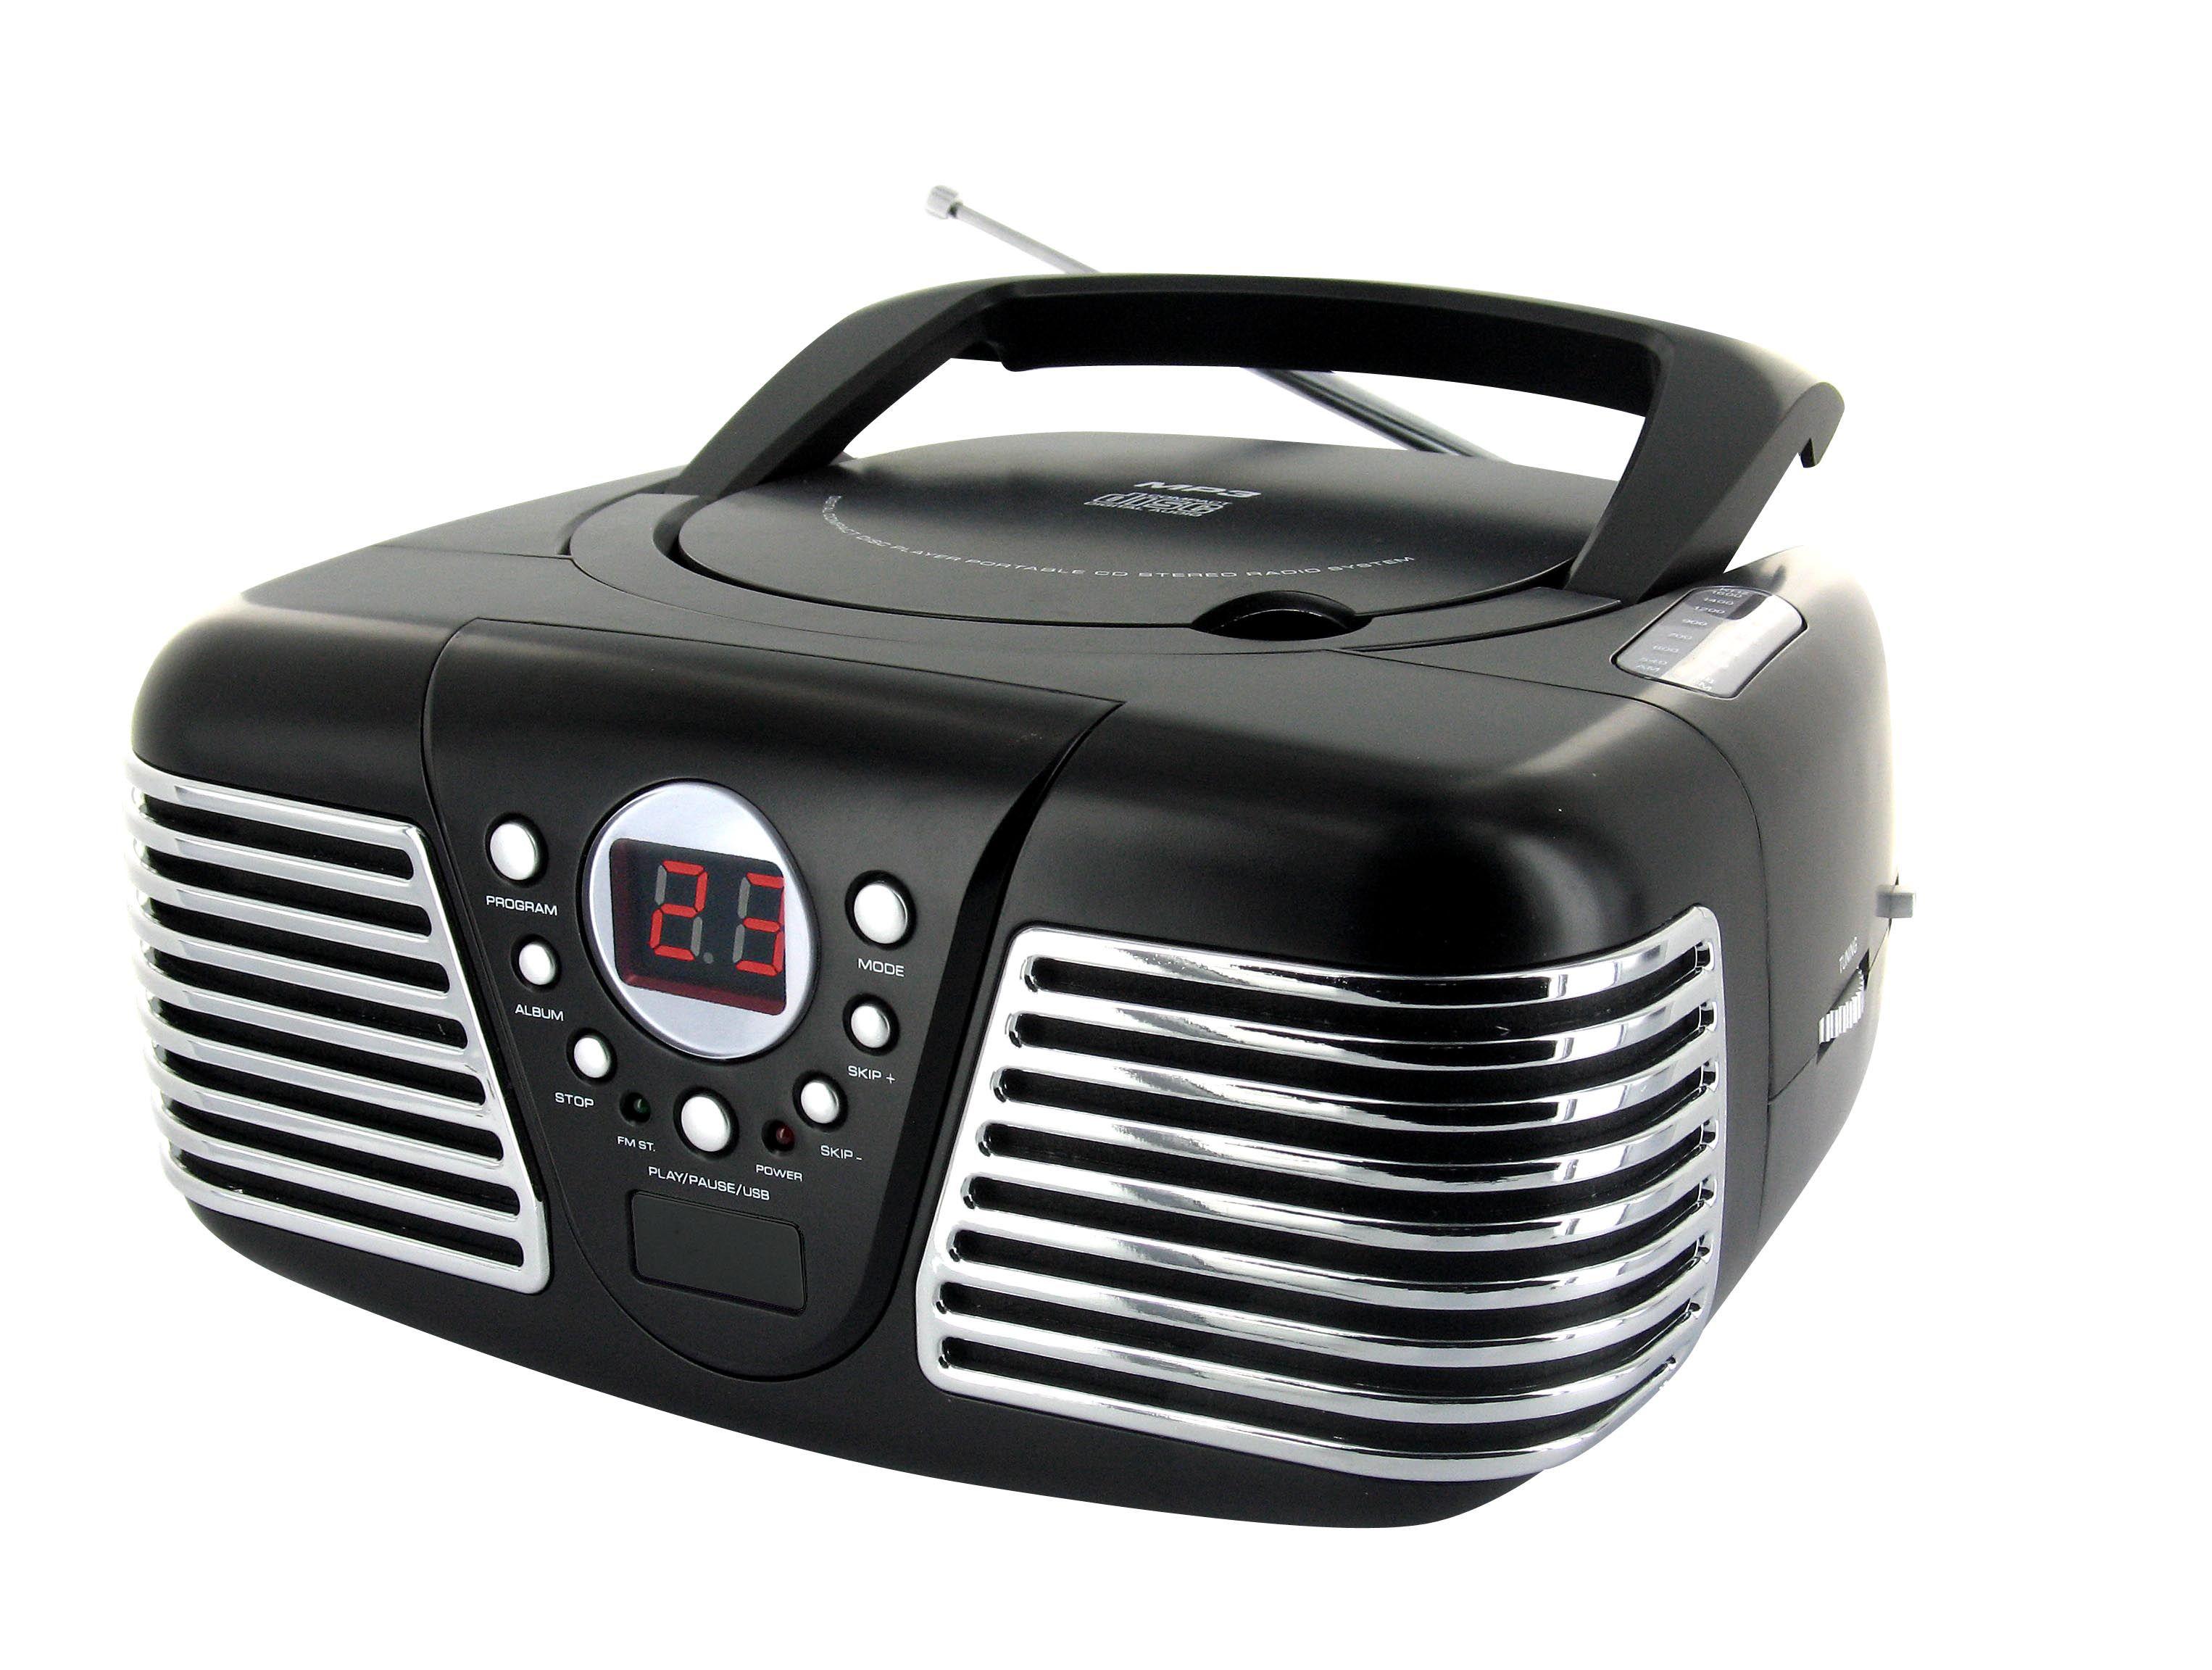 Lettore radio CD portatile CD34 (nero) - Da Bigben Interactive. Ulteriori informazioni qui: http://www.bigbeninteractive.it/produit/produit/id/6369